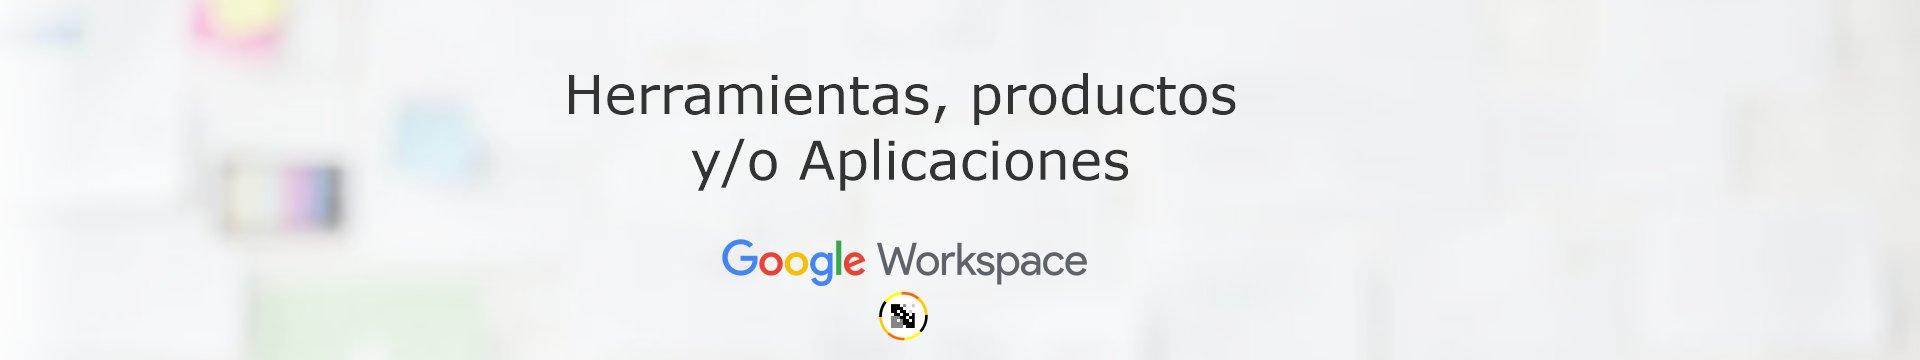 Productos o Aplicaciones incluidas dentro de Google Workspace